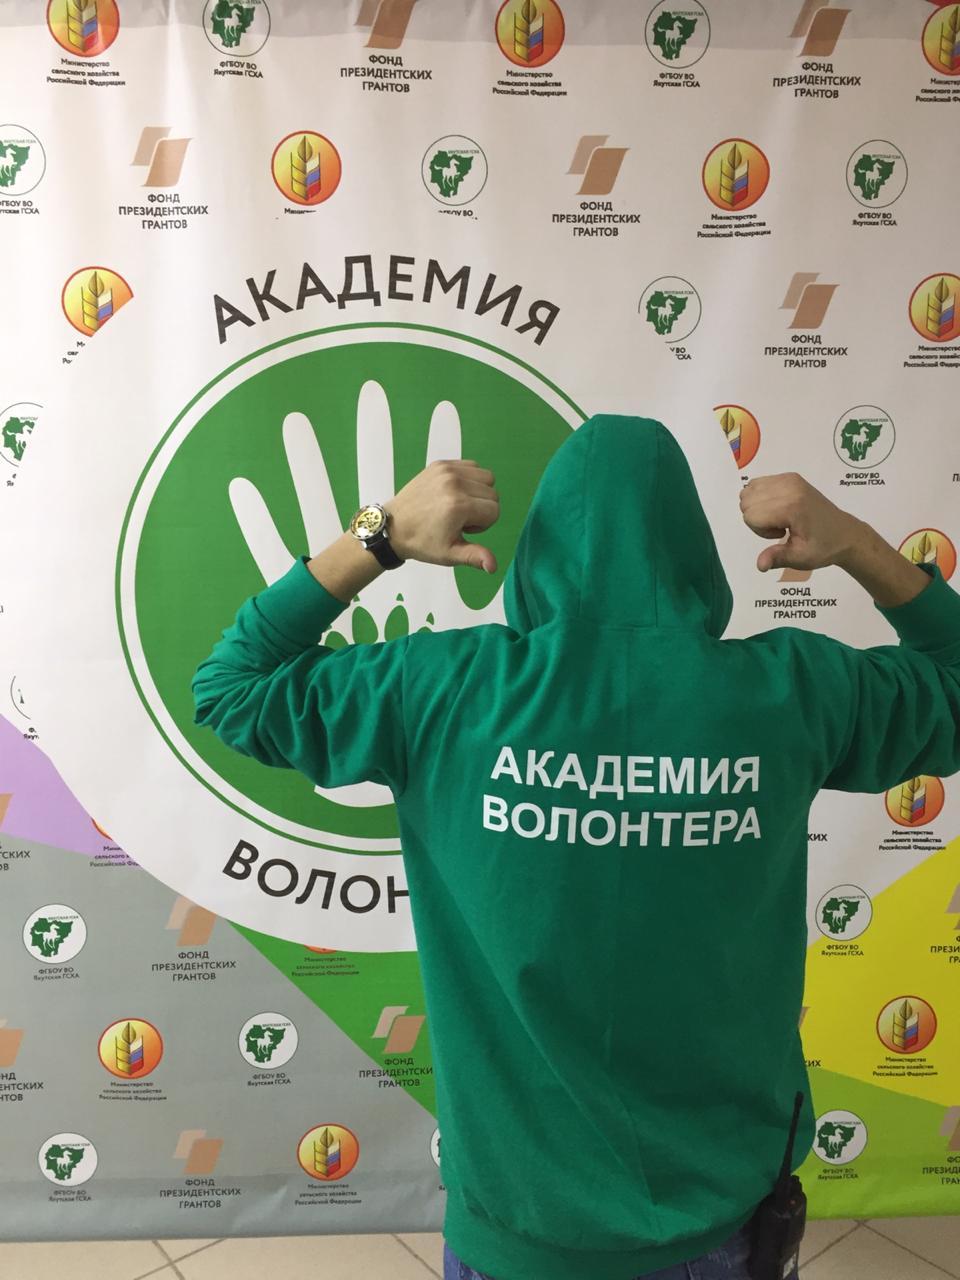 «Академия волонтера» возобновила проведение семинаров